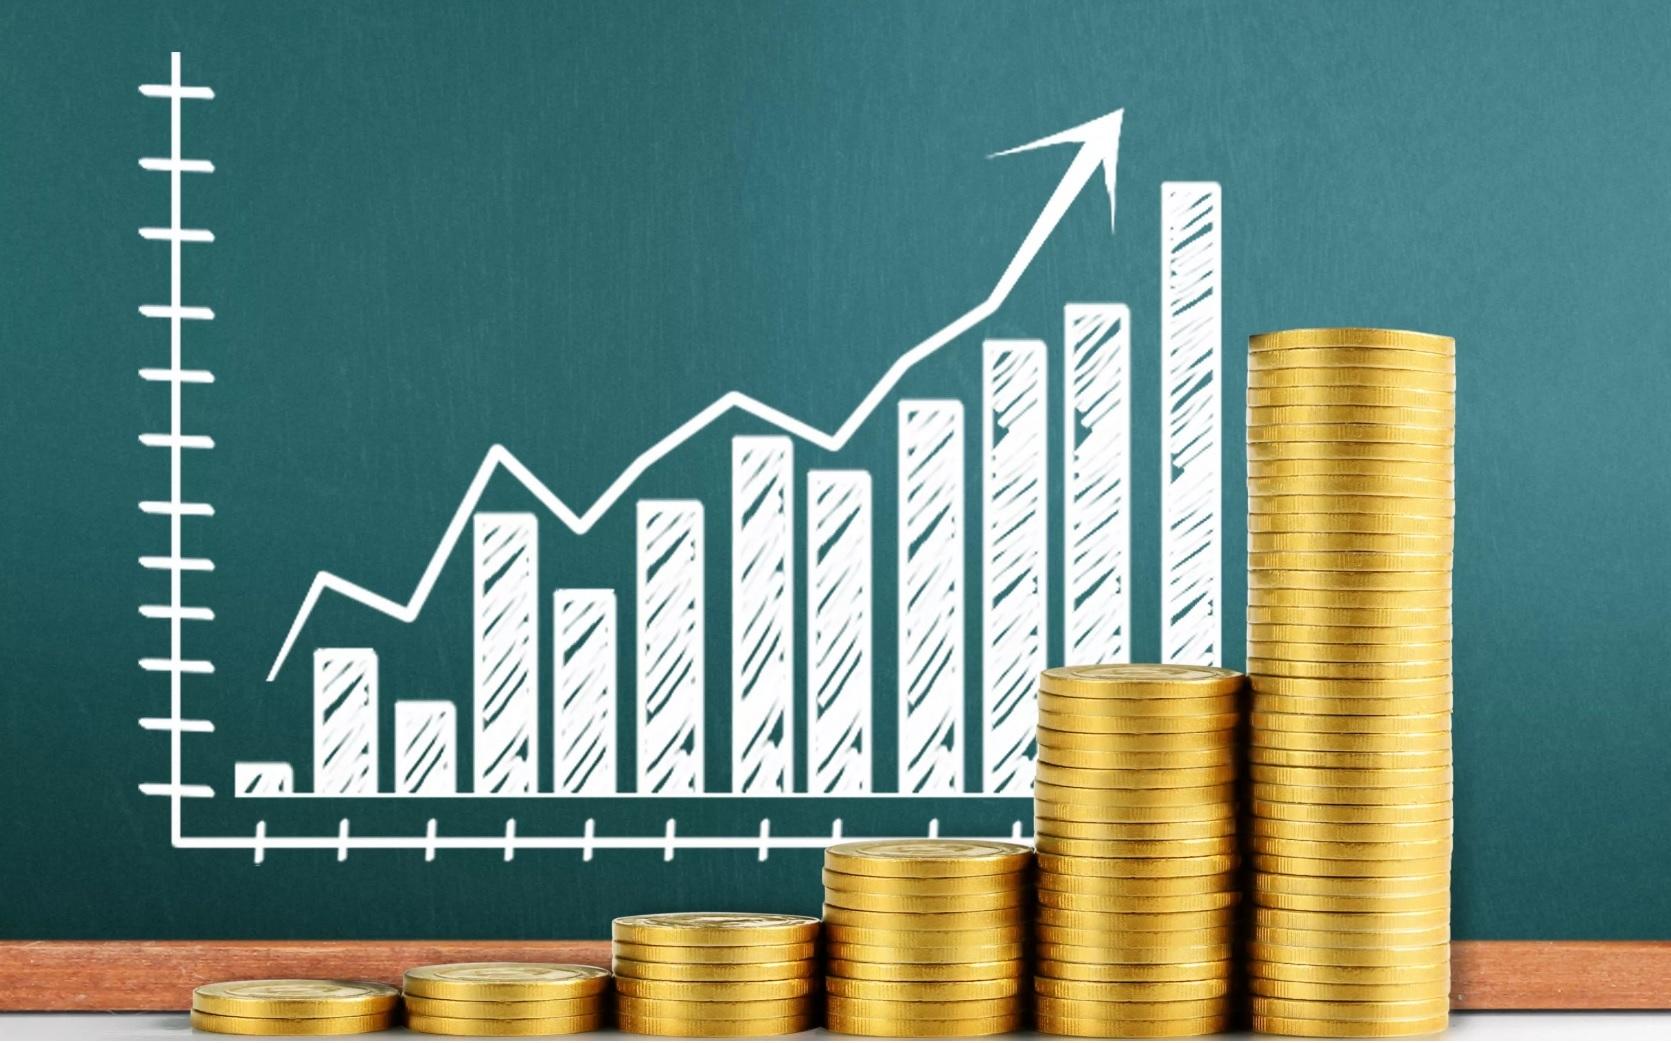 Прибыль предприятия: понятие, структура, виды, учет и методы расчета – sprintinvest.ru